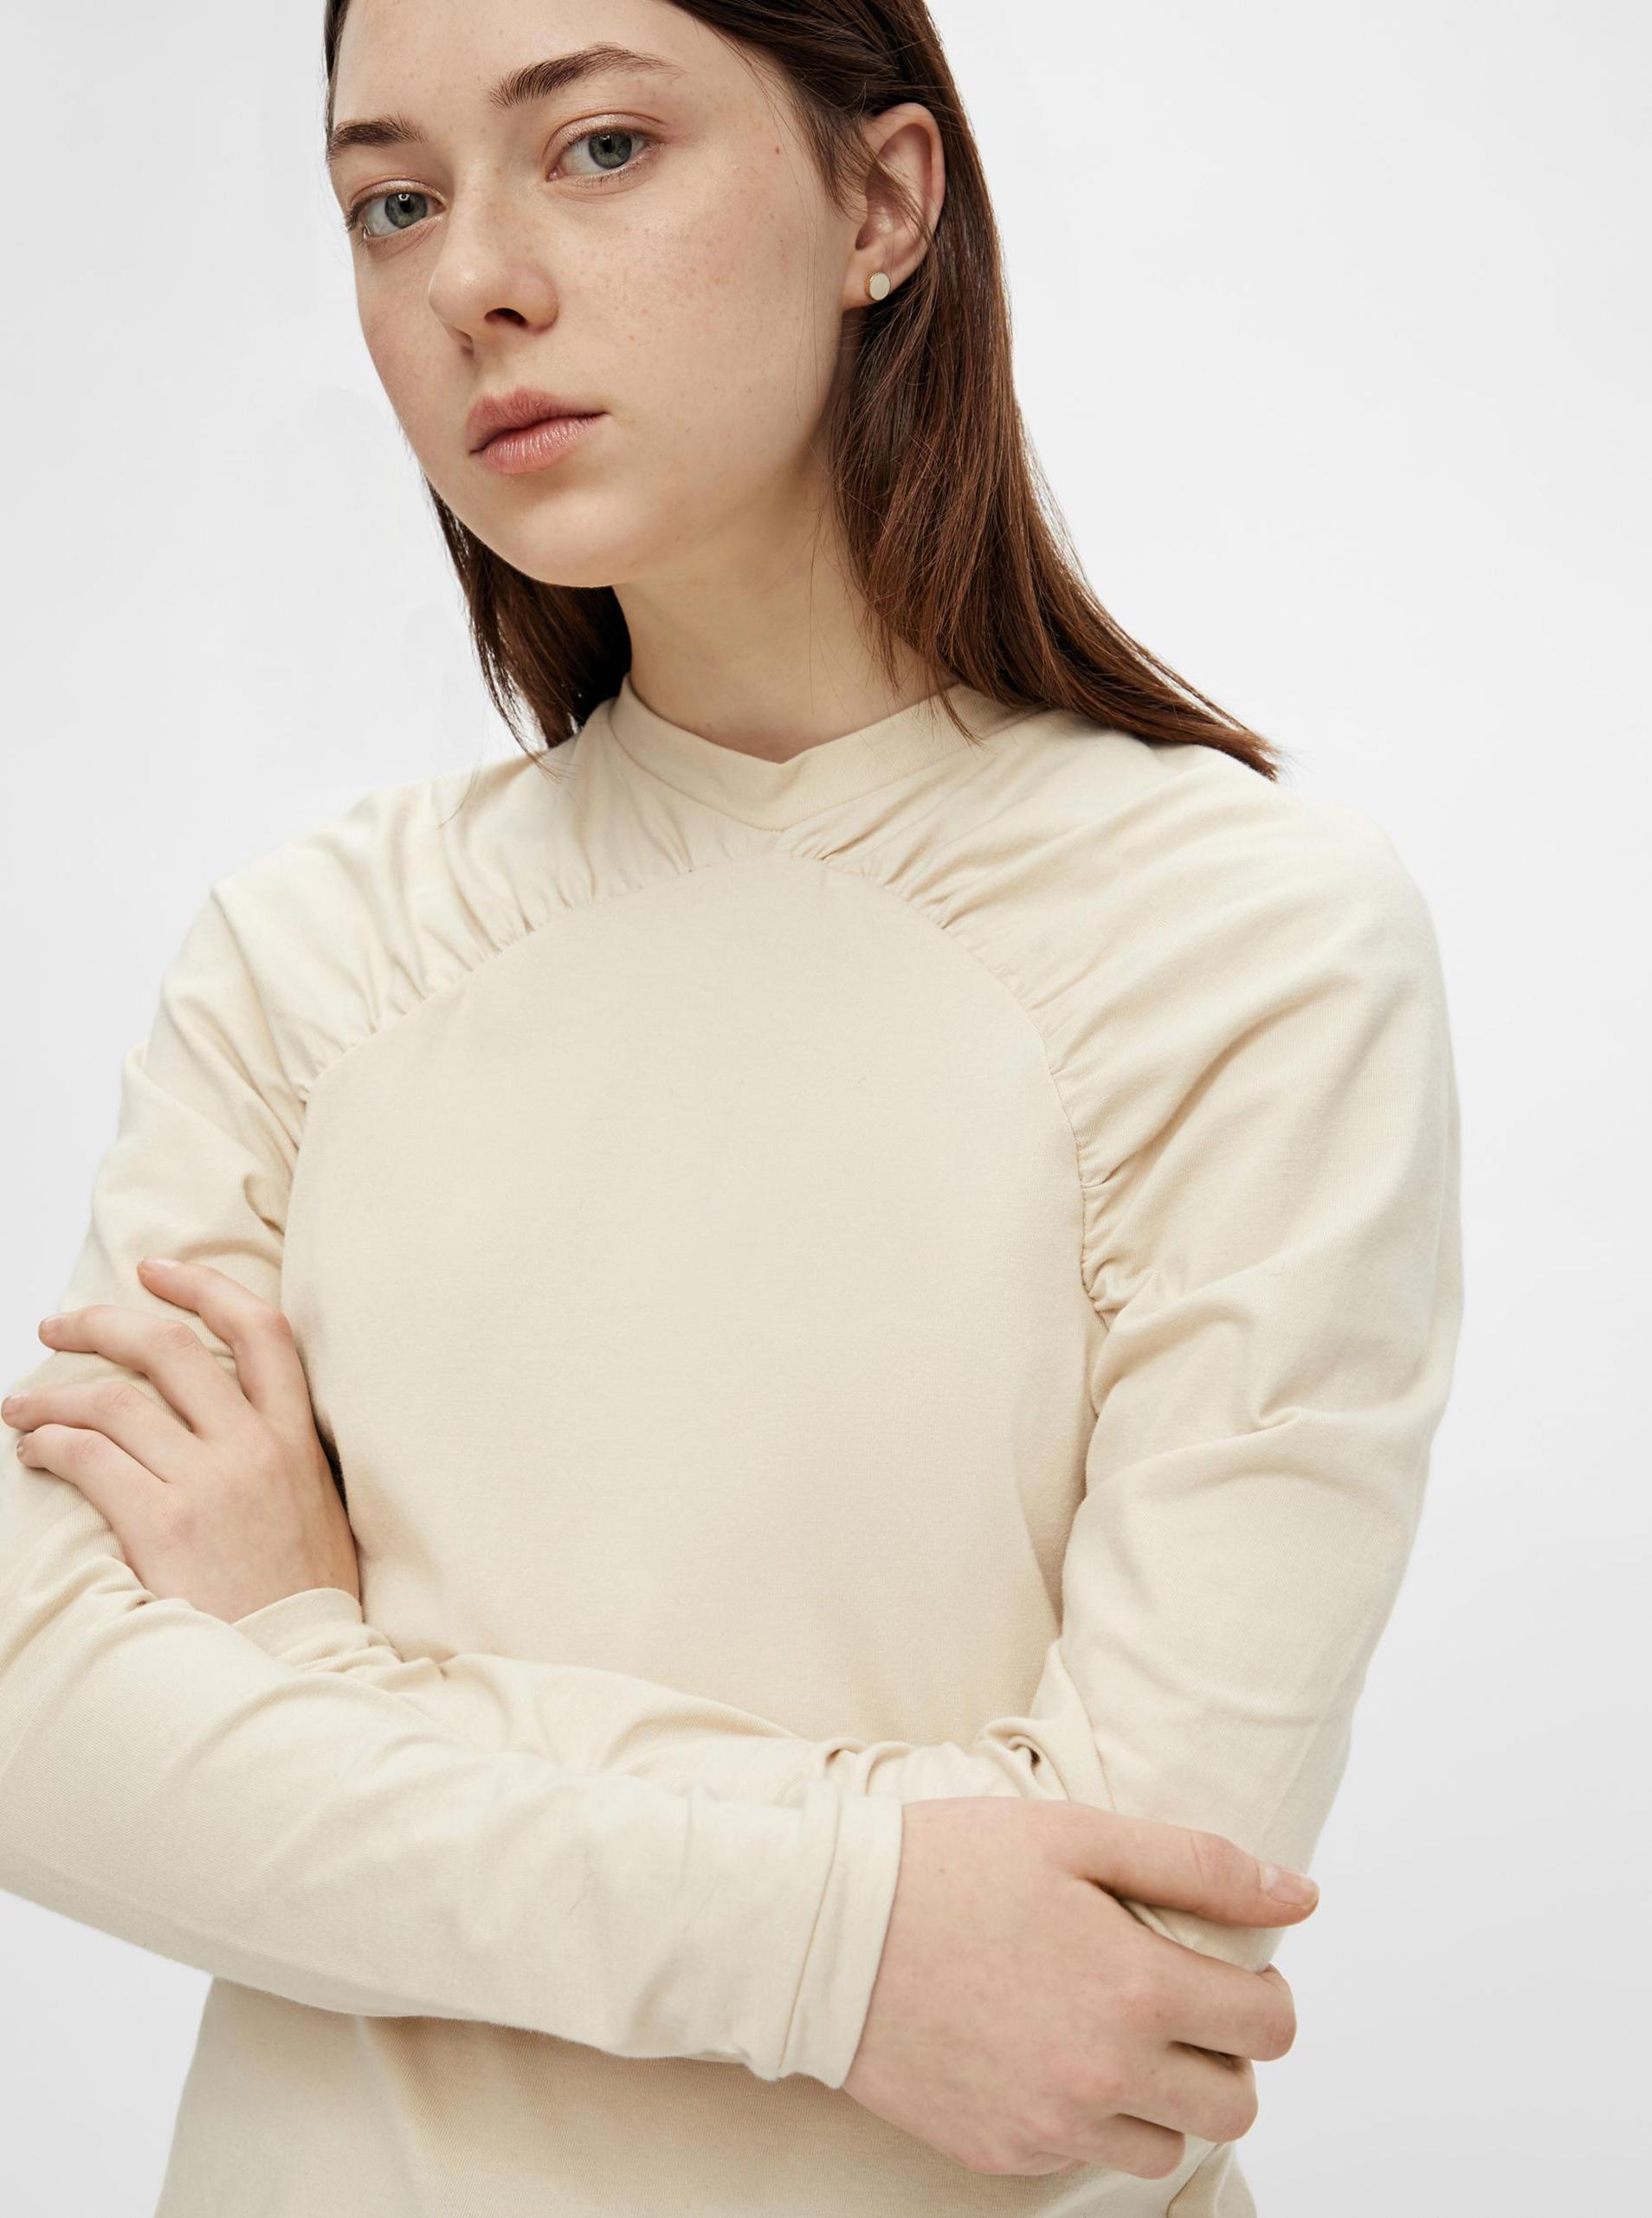 Pieces smantanii/crem de dama tricou